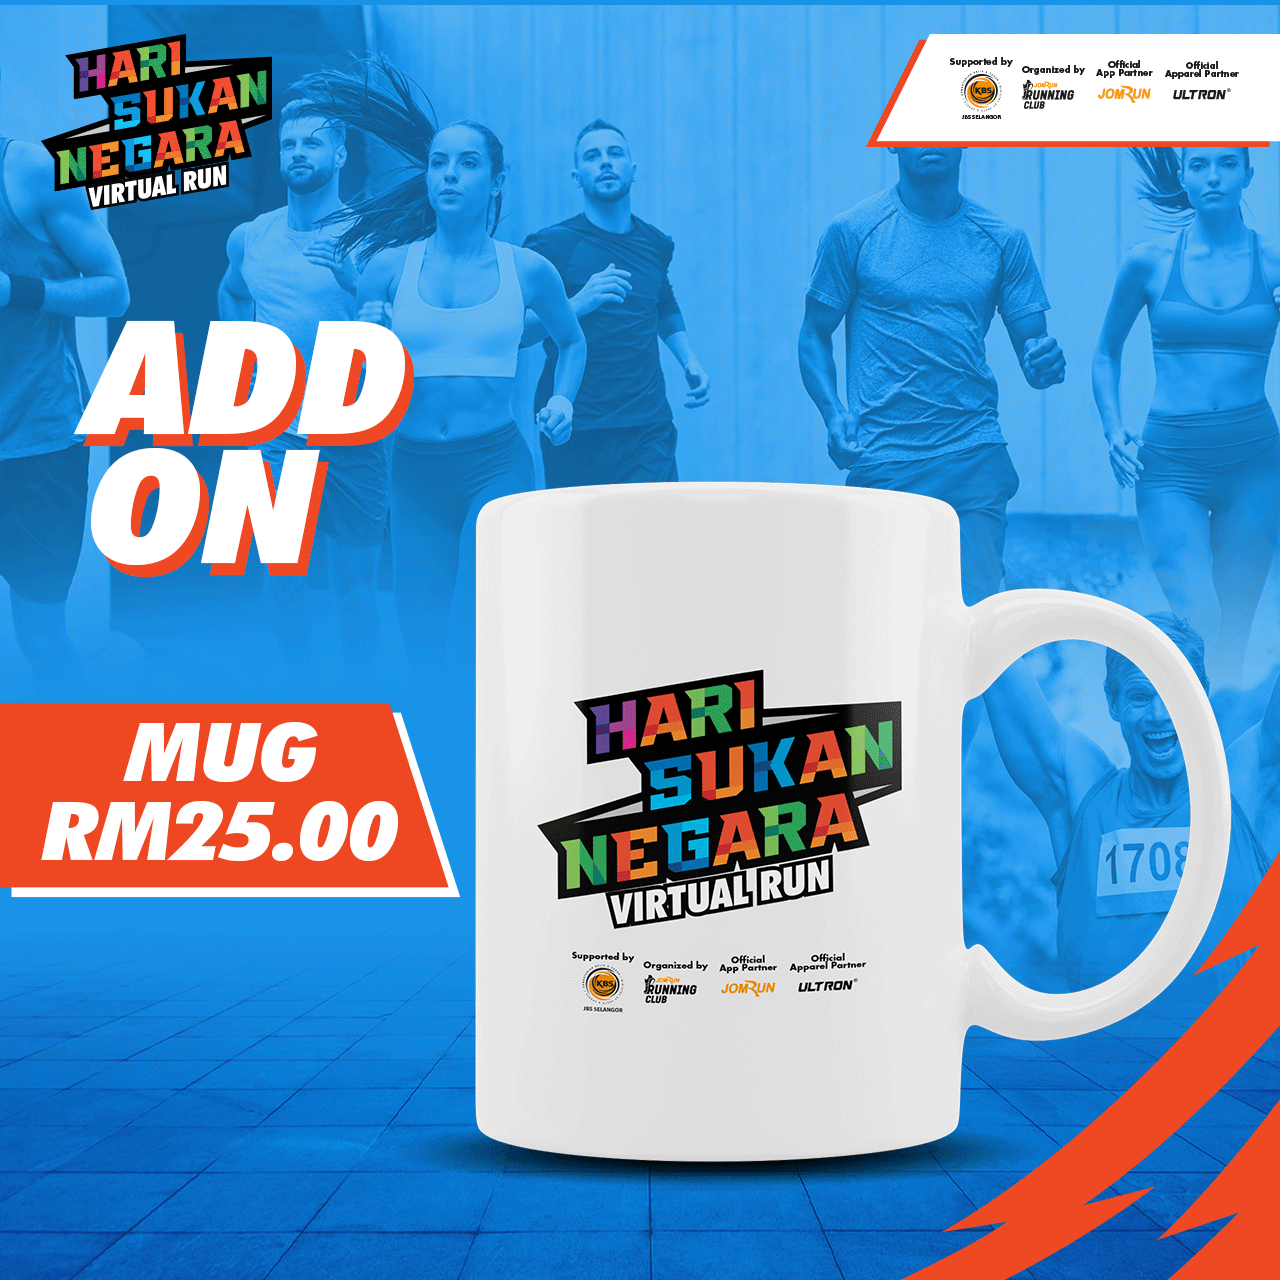 Hari Sukan Negara Virtual Run - Selangor